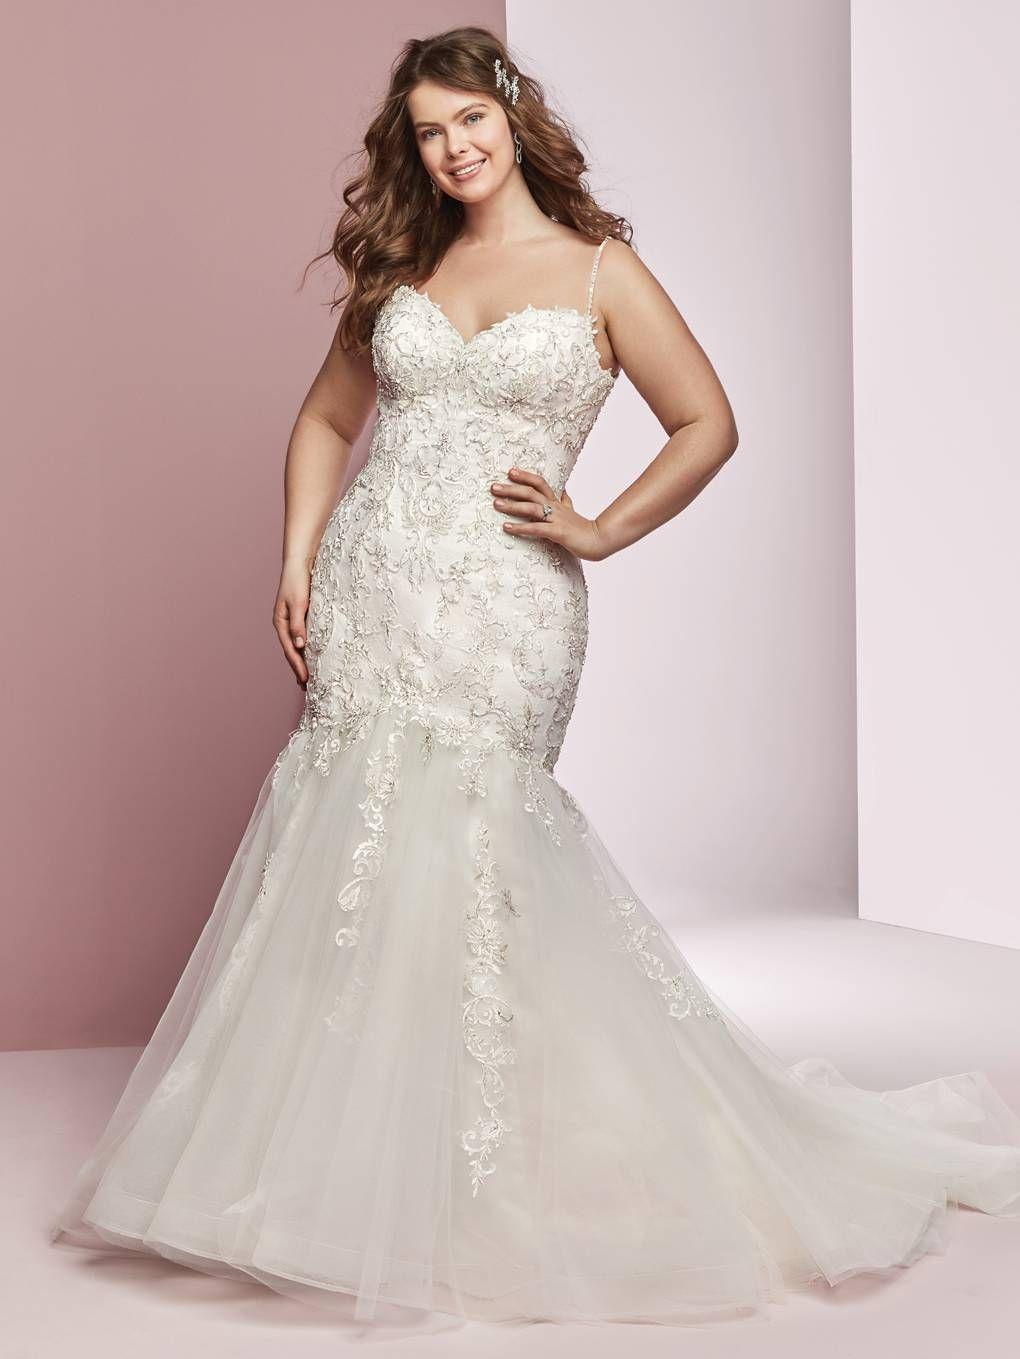 Plus size wedding dress designers  Wedding Dresses For Girls With Curves  Vestidos de novia